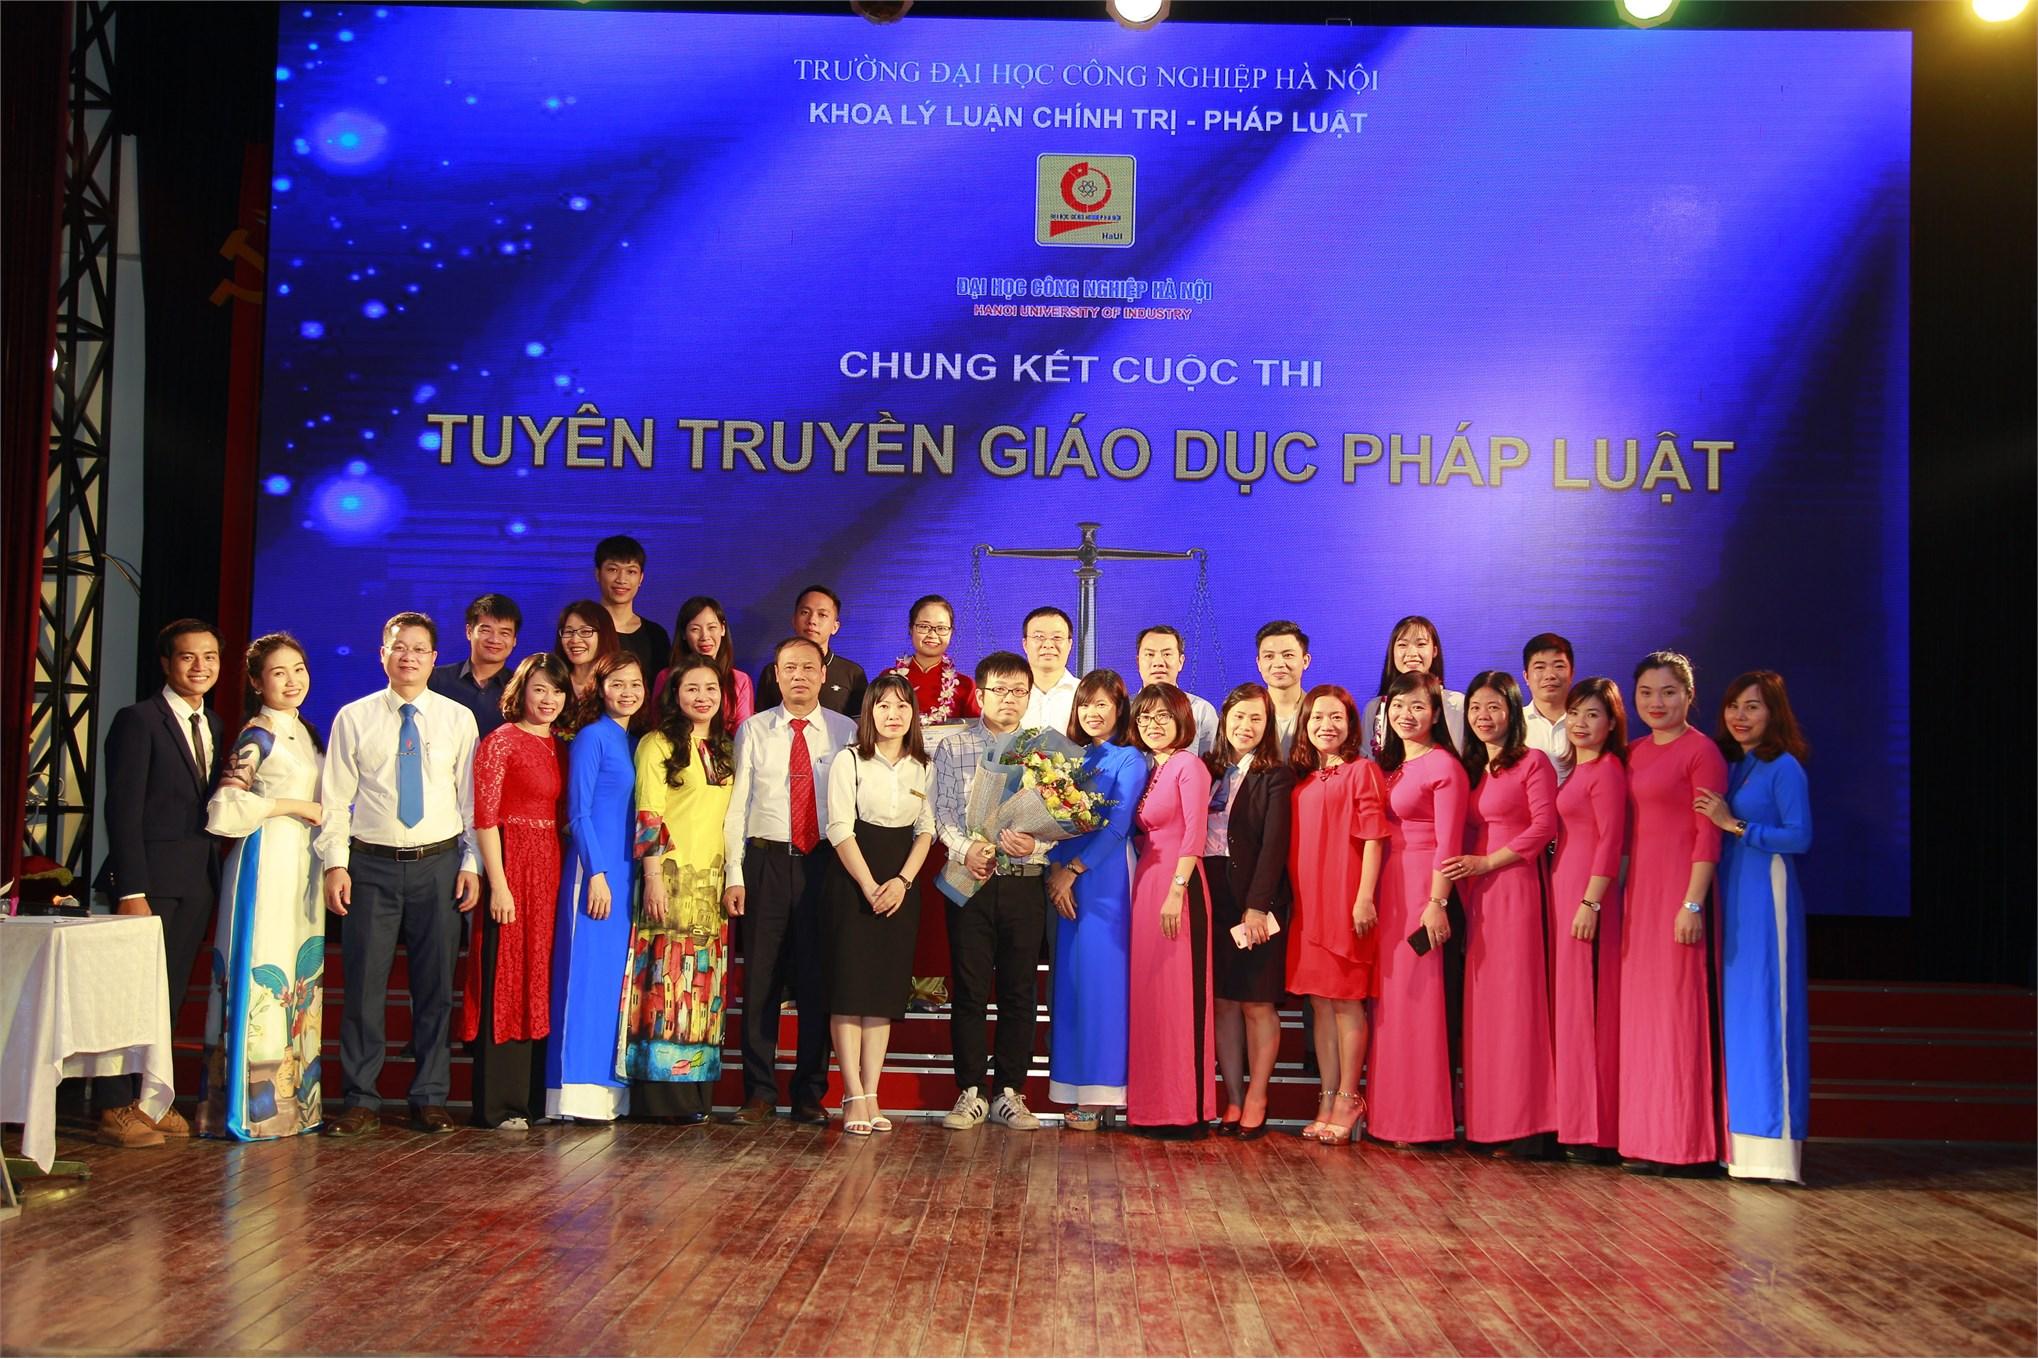 Chung kết Cuộc thi `Tuyên truyền giáo dục pháp luật năm 2019` Trường Đại học Công nghiệp Hà Nội